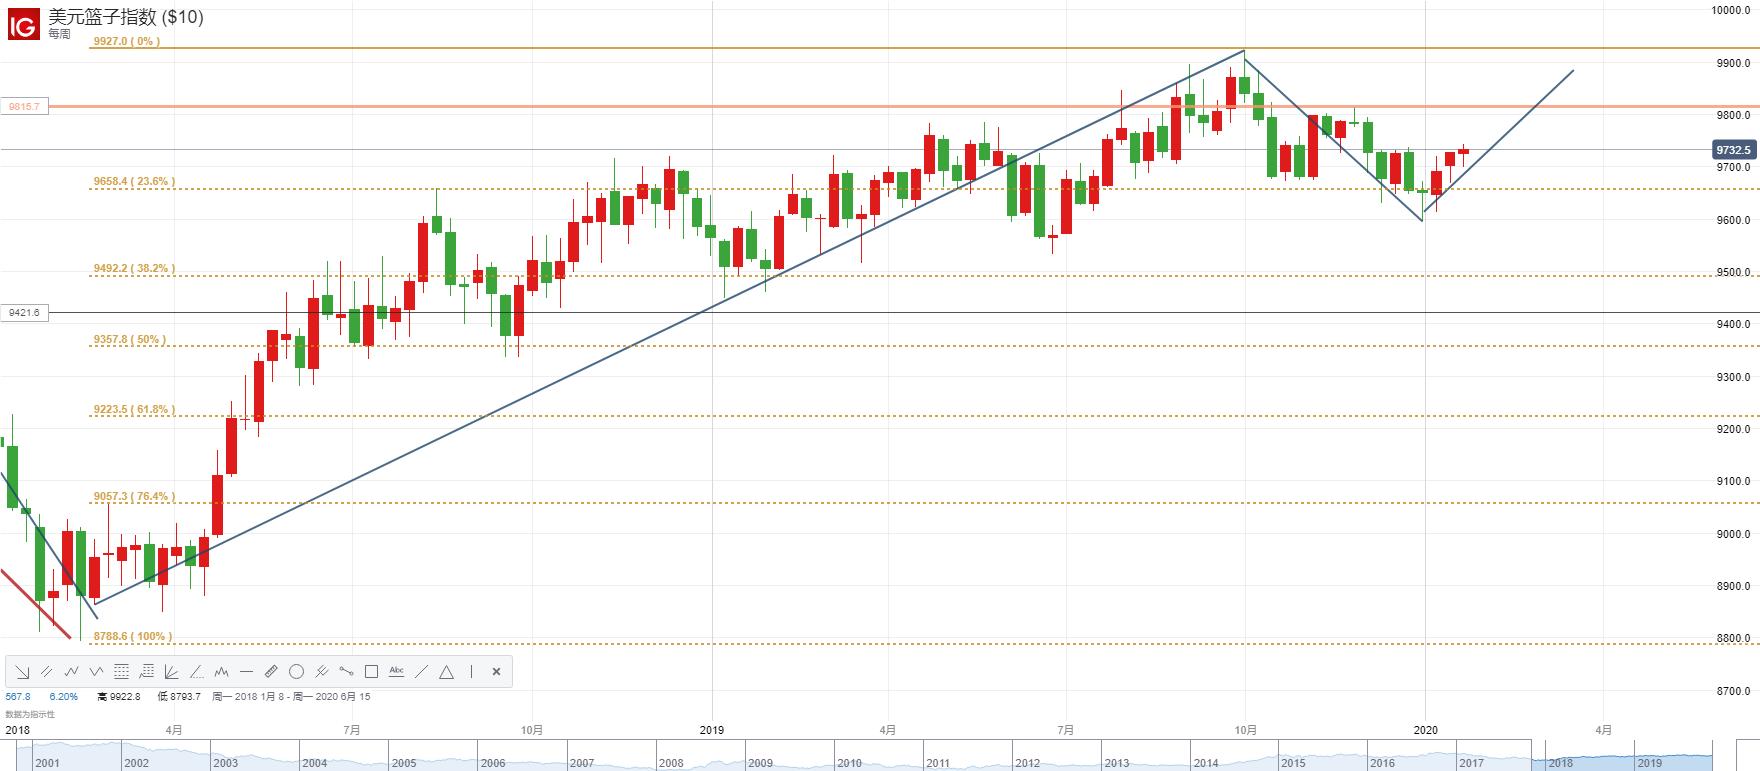 美元指數短、中期走勢分析:企穩97.0!新一輪升勢正在醞釀,惟此中期風險難以擺脫!